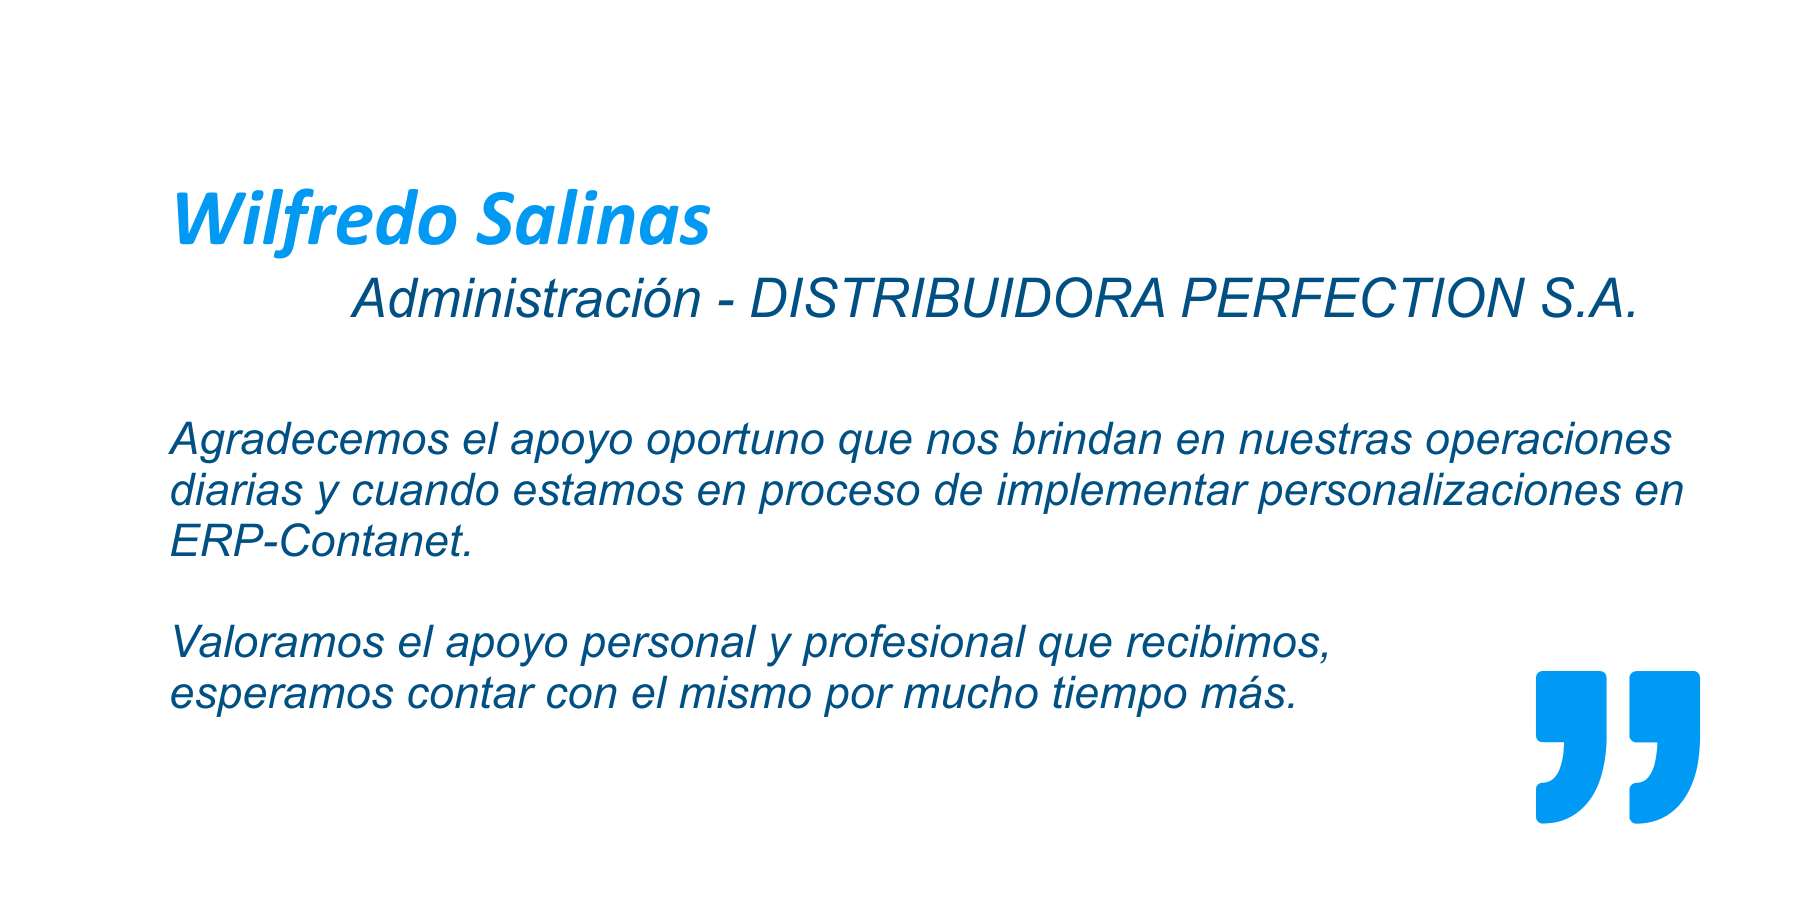 Distribuidora Perfection - Usuario de ERP Contanet